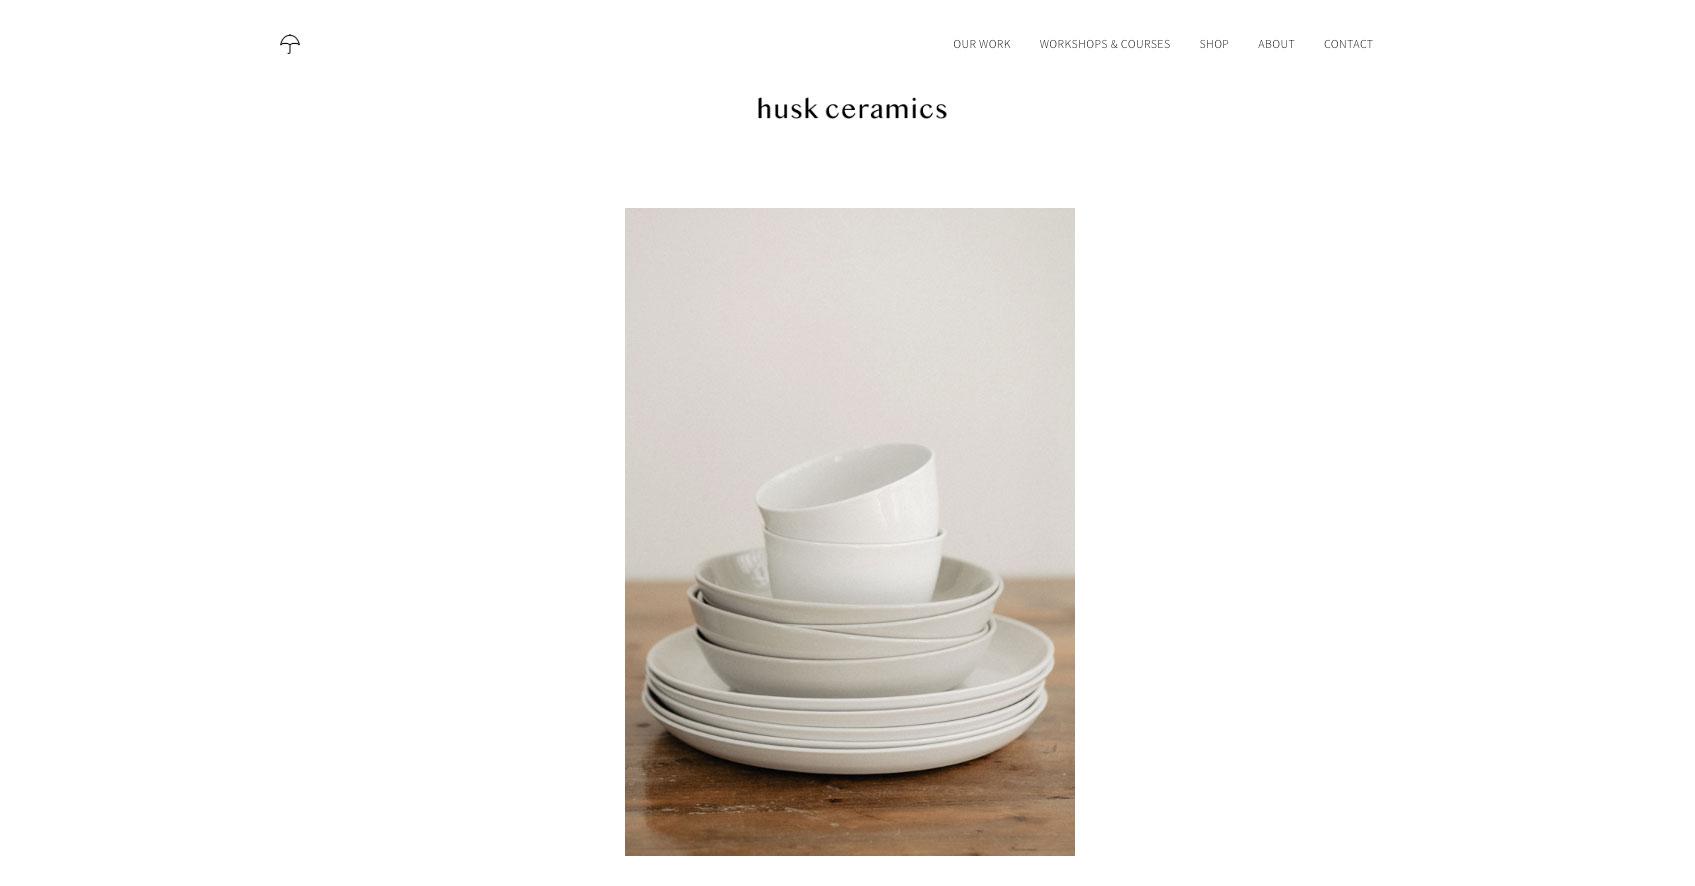 webshop-HUSK-Ceramics-project-Snugger